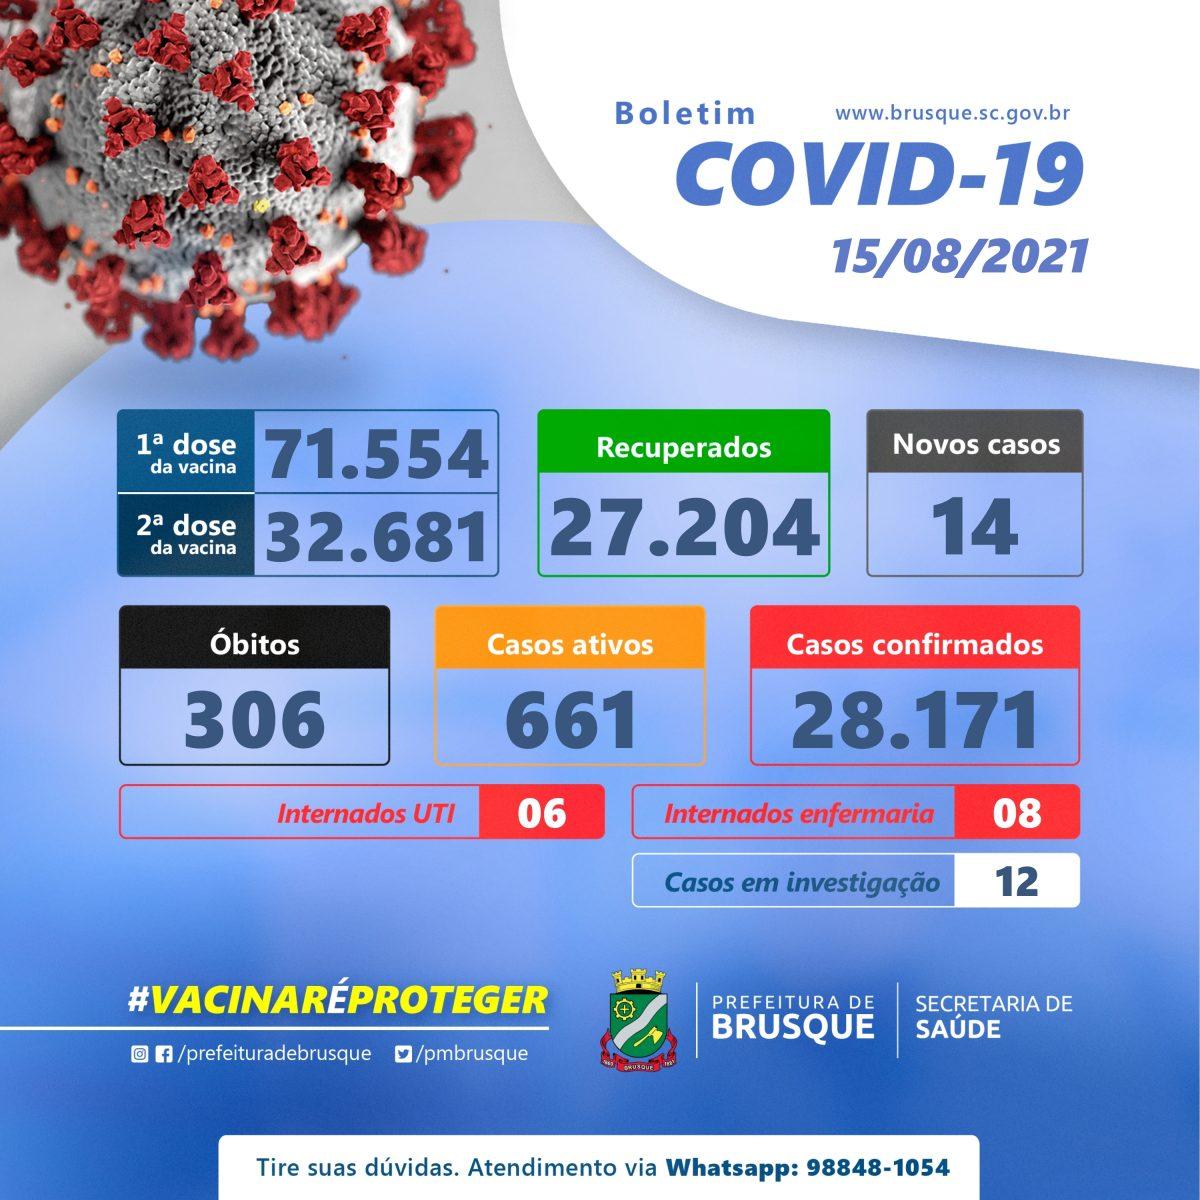 Covid-19: Confira o boletim epidemiológico deste domingo (15)